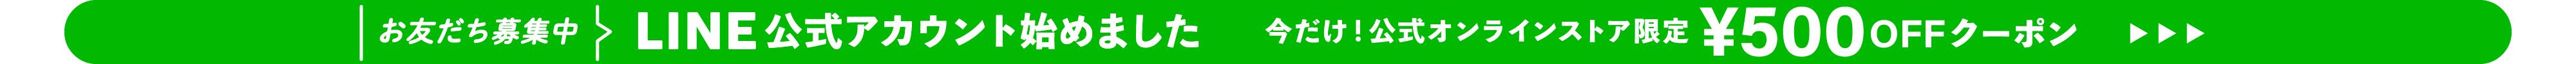 お友だち募集中 LINE 公式アカウント始めました 今だけ!公式オンラインストア限定¥500 OFFクーボン